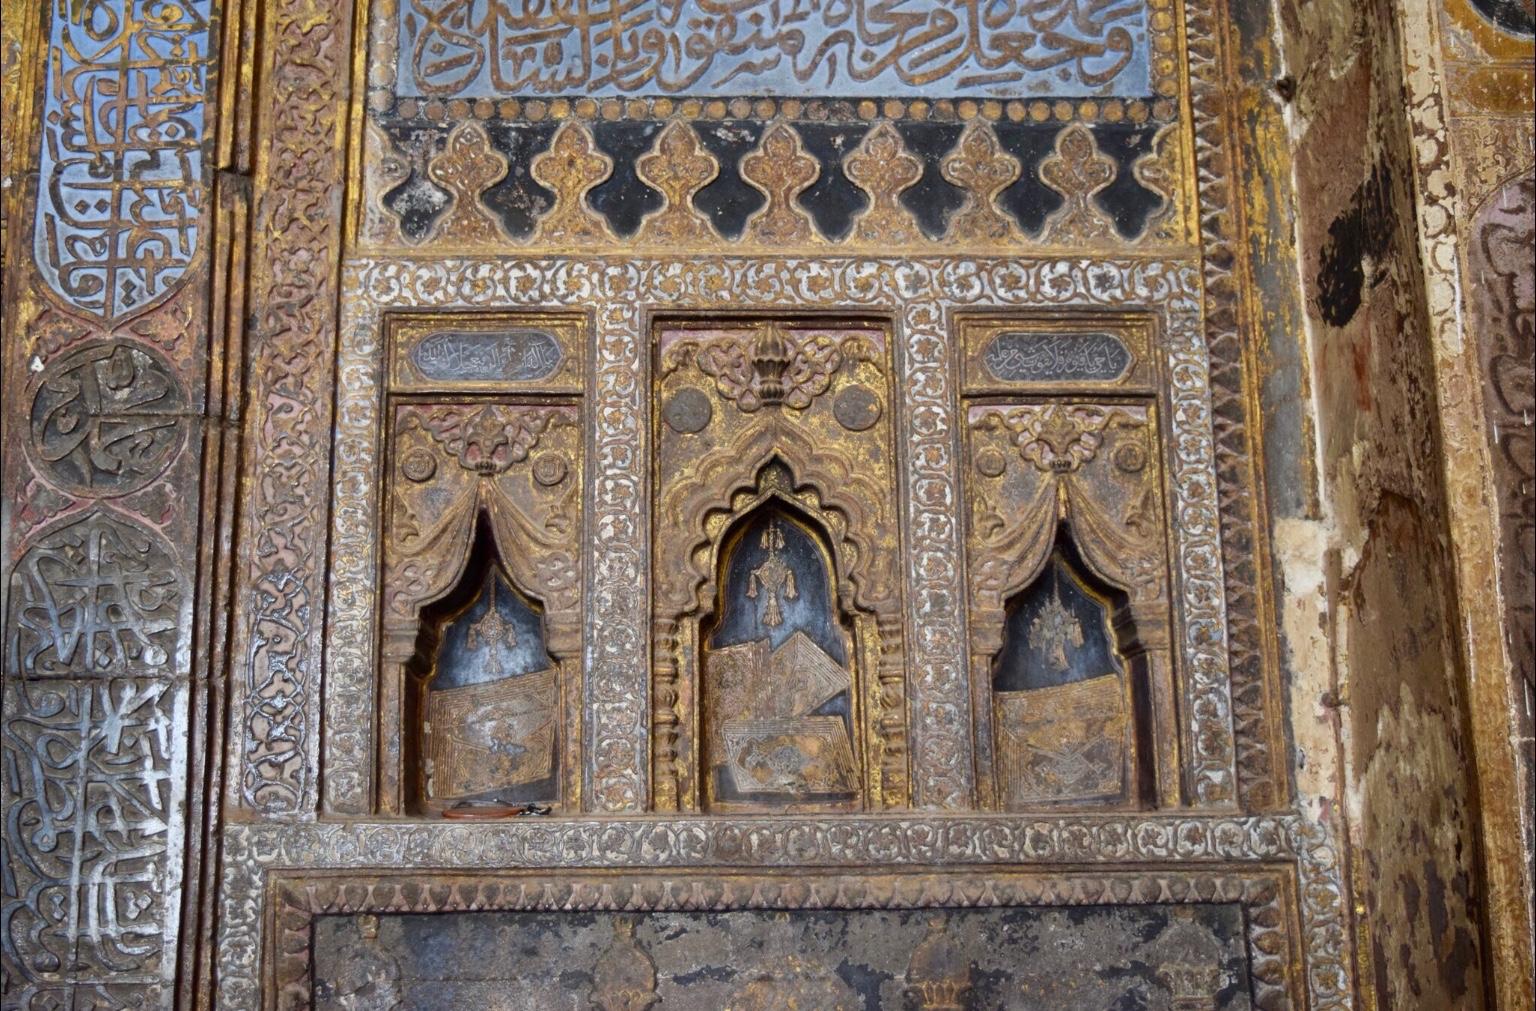 تفاصيل محراب الجامع الكبير في بيجابور مثال على إضاءة المخطوطات